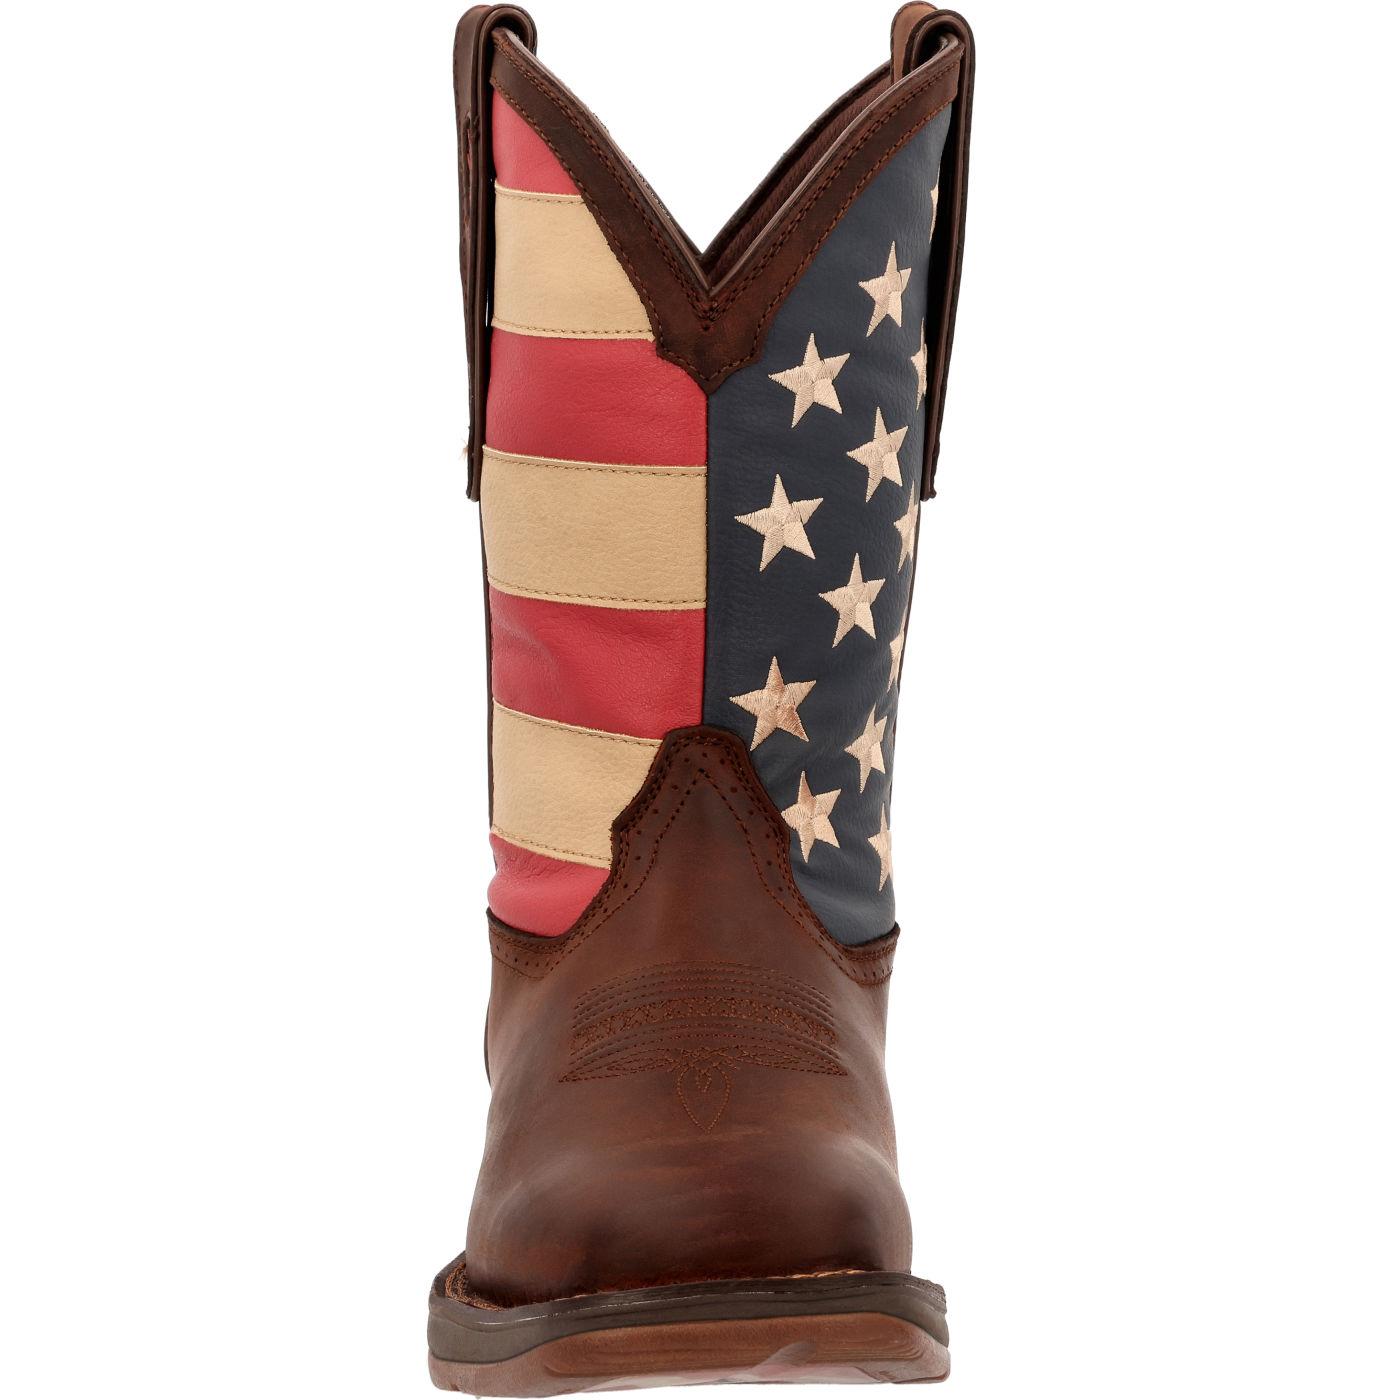 104ec633134 Rebel by Durango Patriotic Pull-On Western Flag Boot